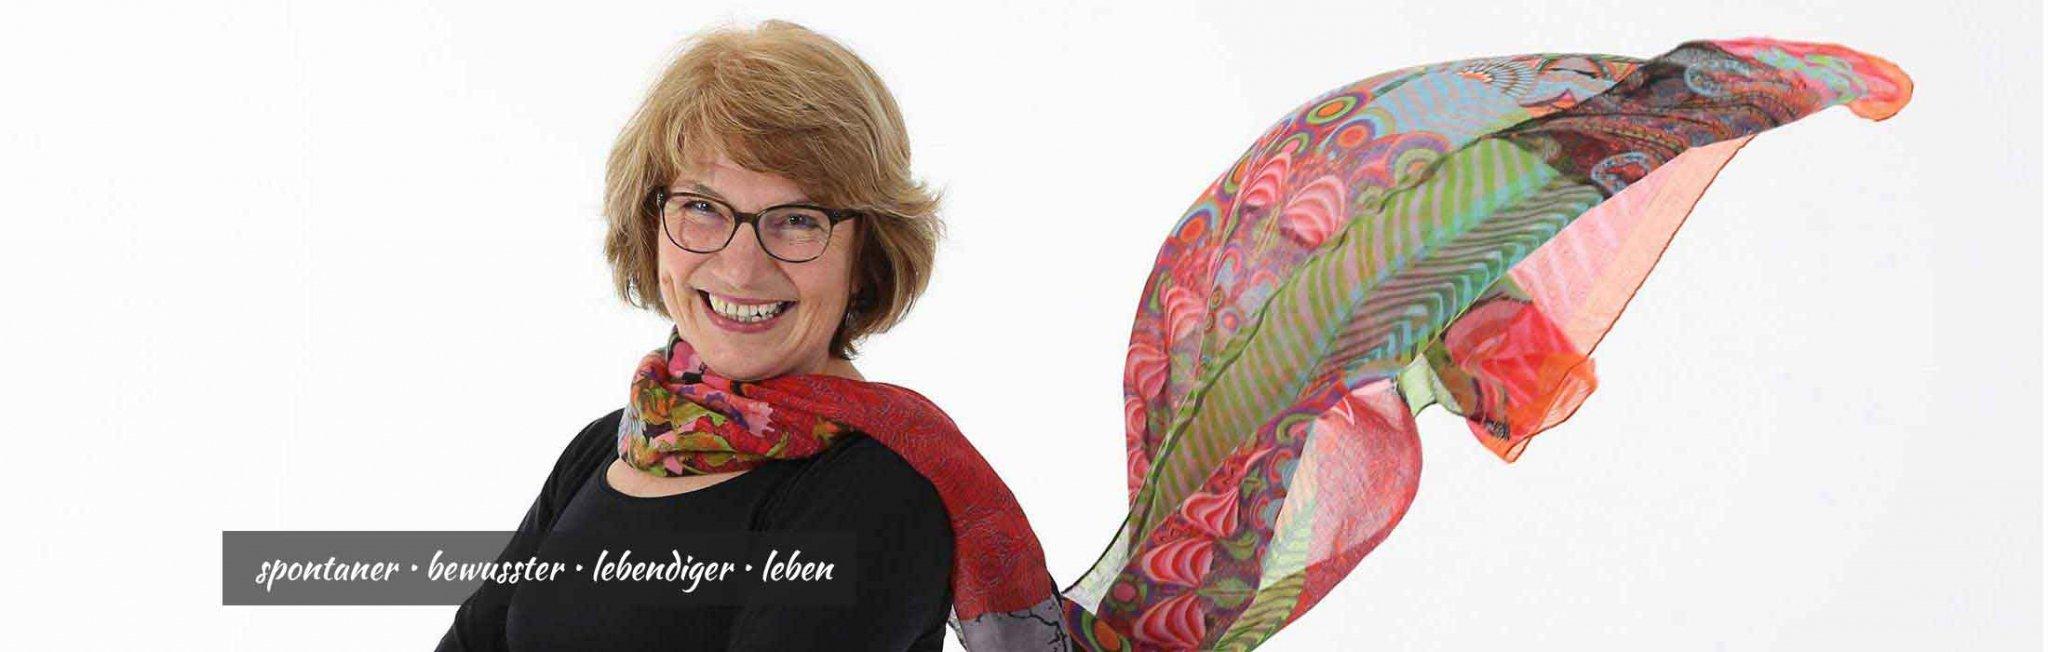 Konstanze Quirmbach, Life Coaching, AchtsamkeitsCoaching